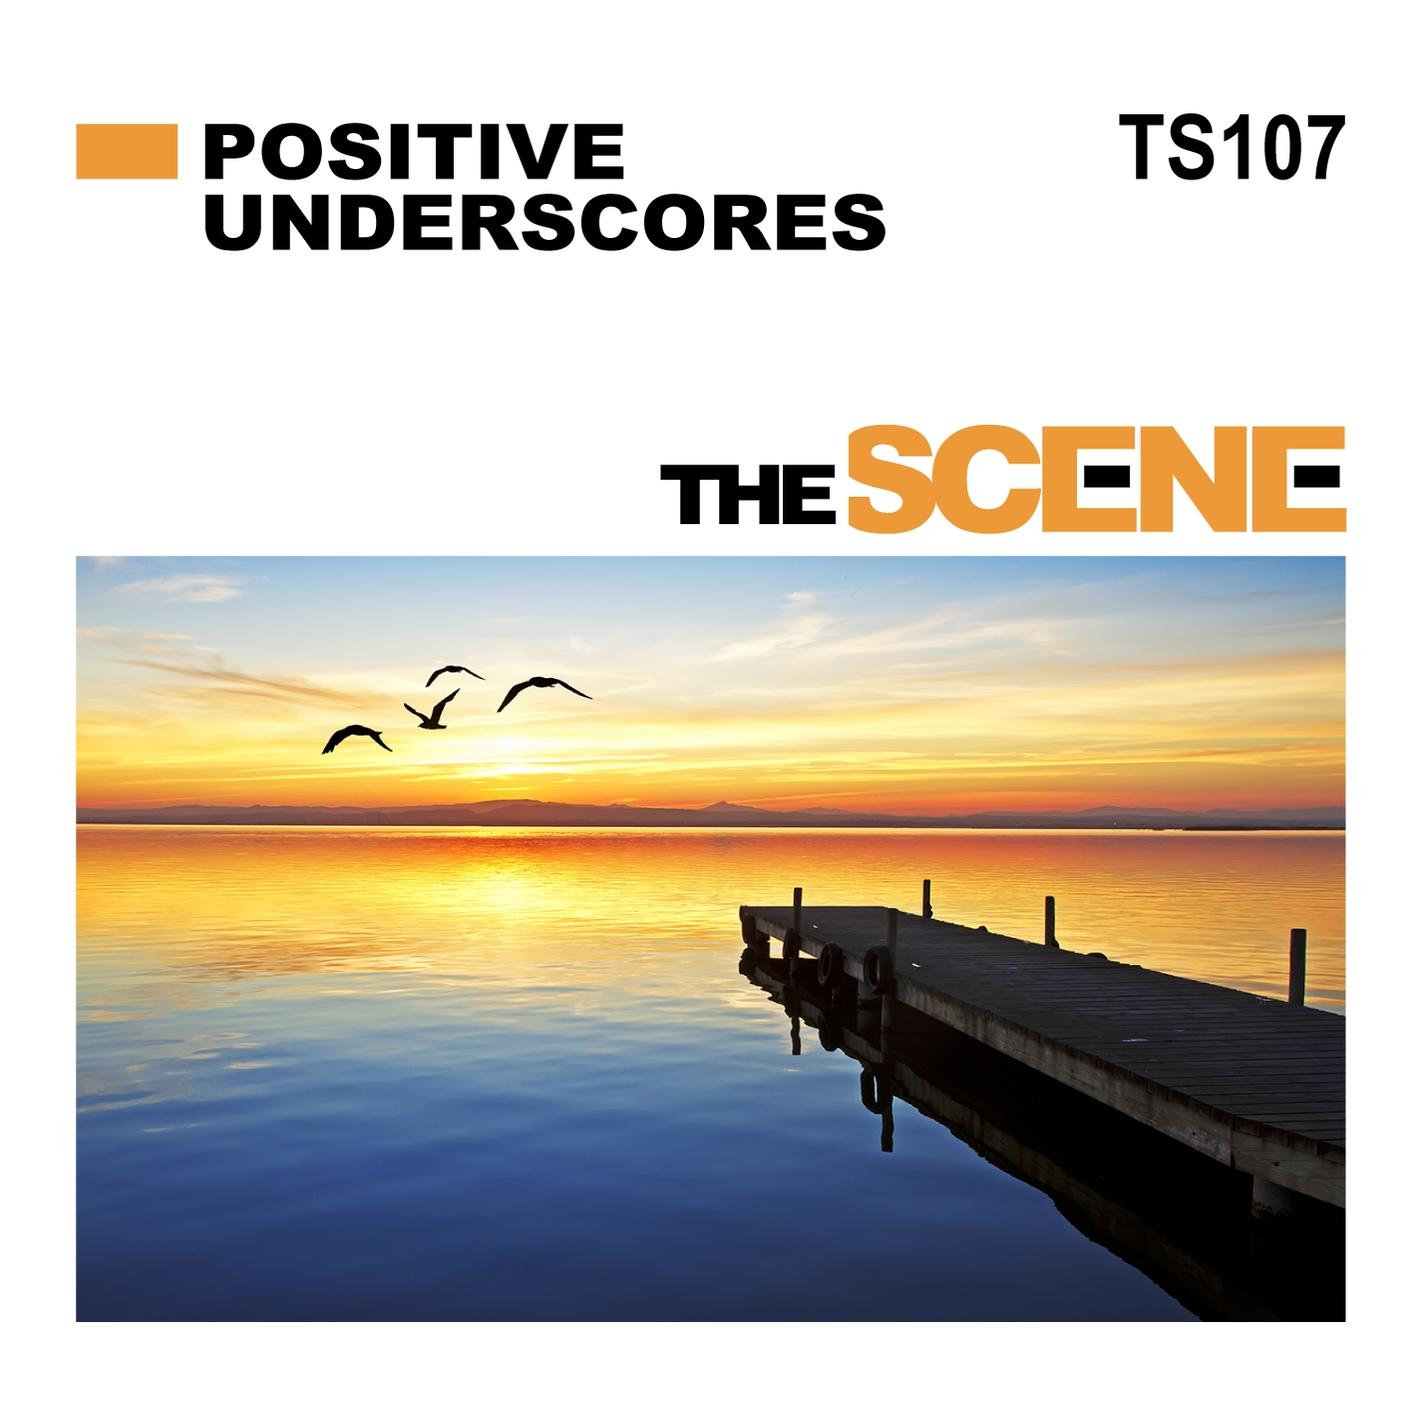 Positive Underscores